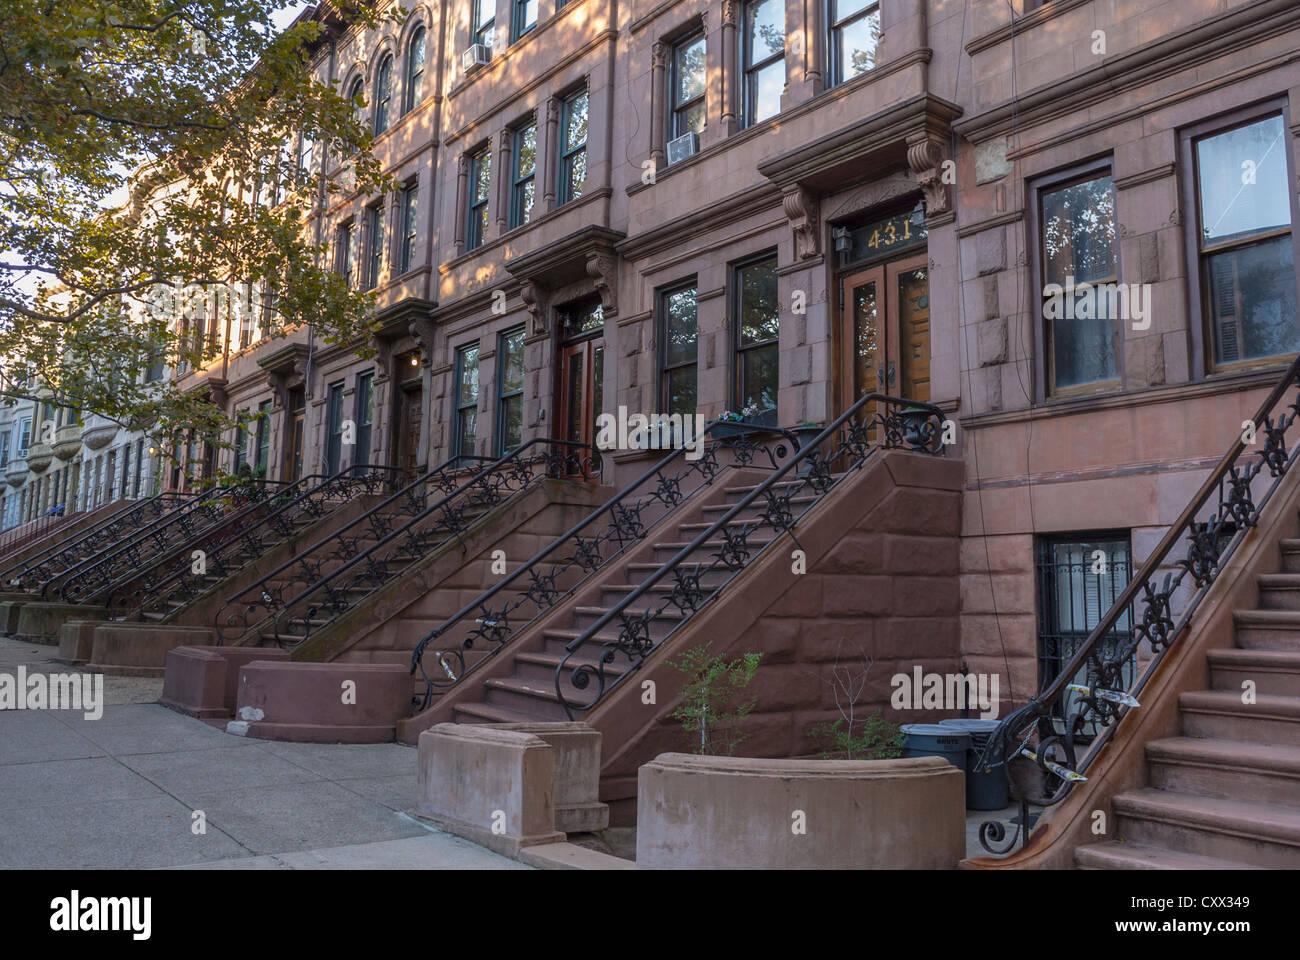 New York Row Houses : New york city ny usa street scenes historic townhouses